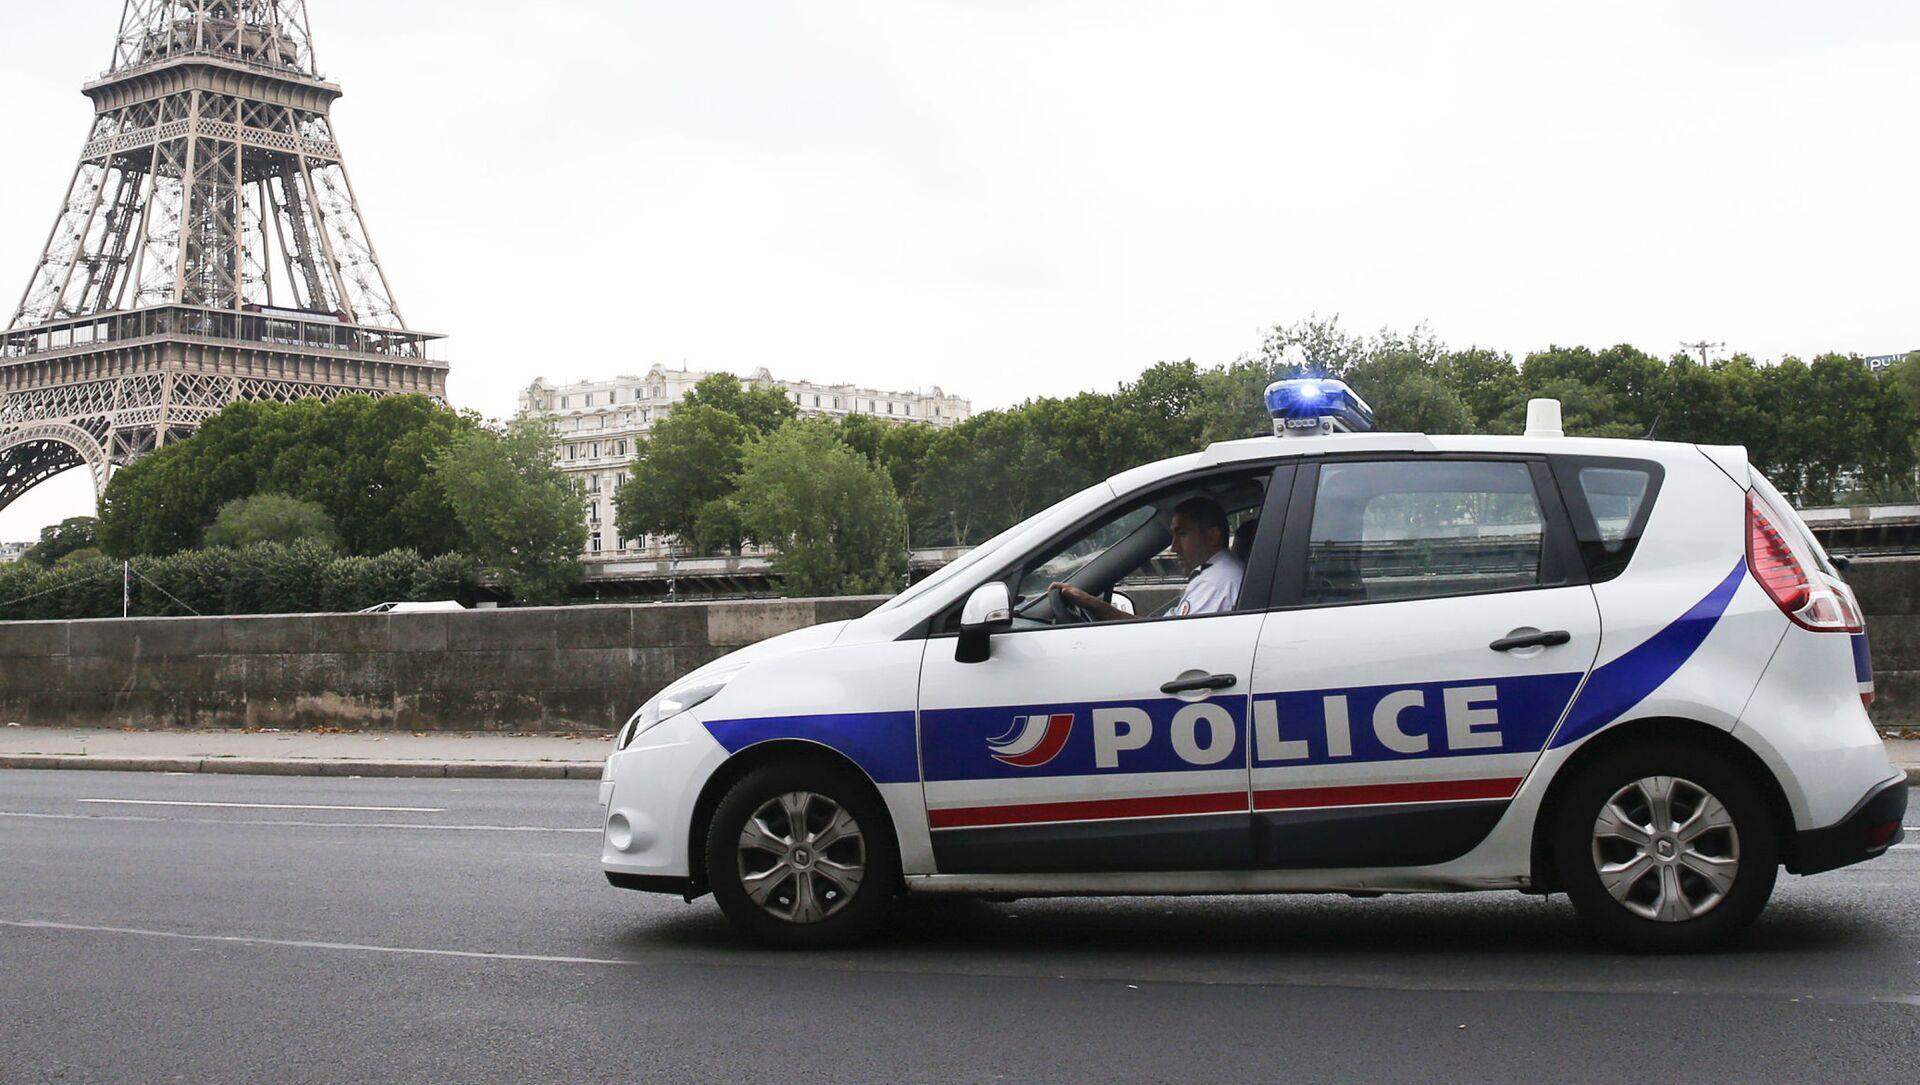 Policejní auto v Paříži - Sputnik Česká republika, 1920, 14.03.2021